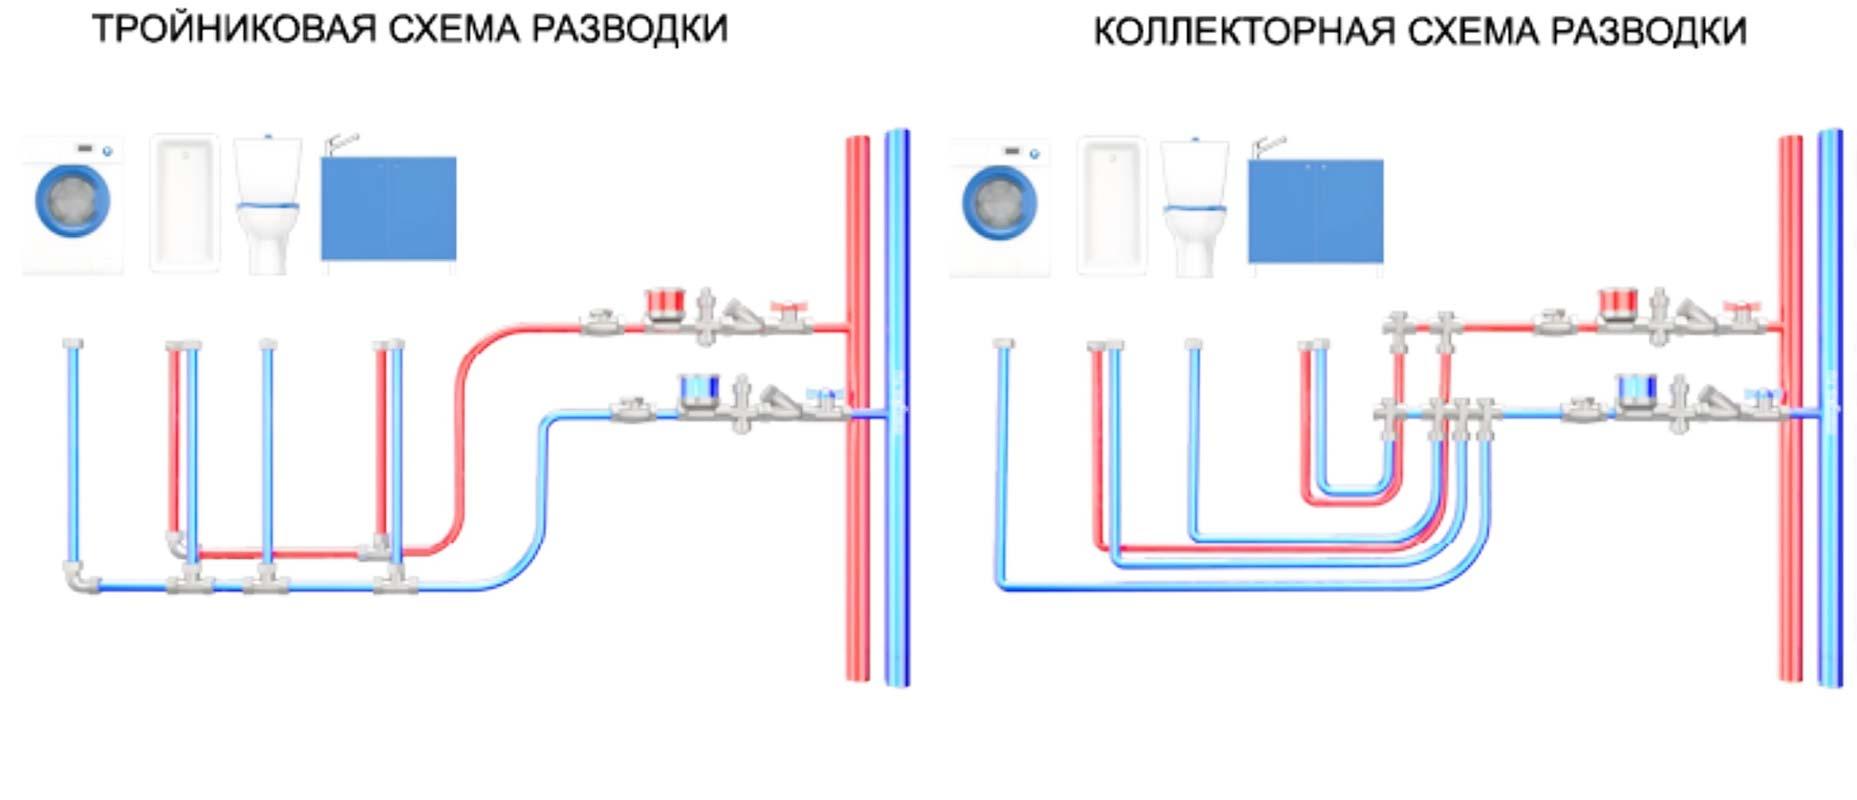 Планирование схема разводки труб водоснабжения